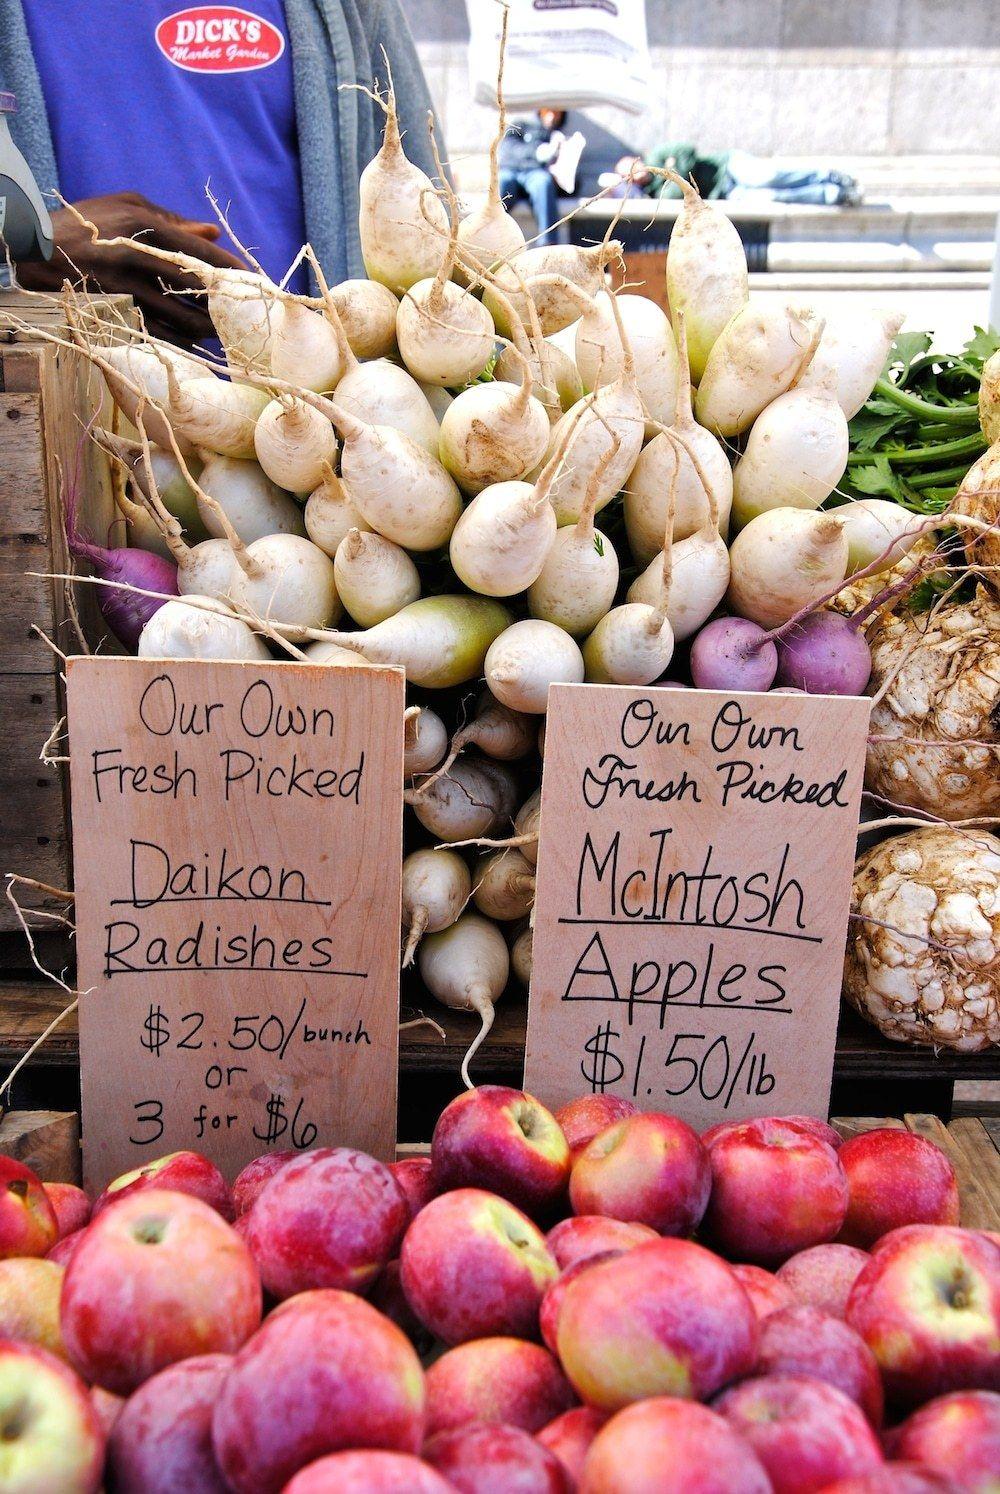 Copley Square Farmers Market, Boston, MA Farmers market